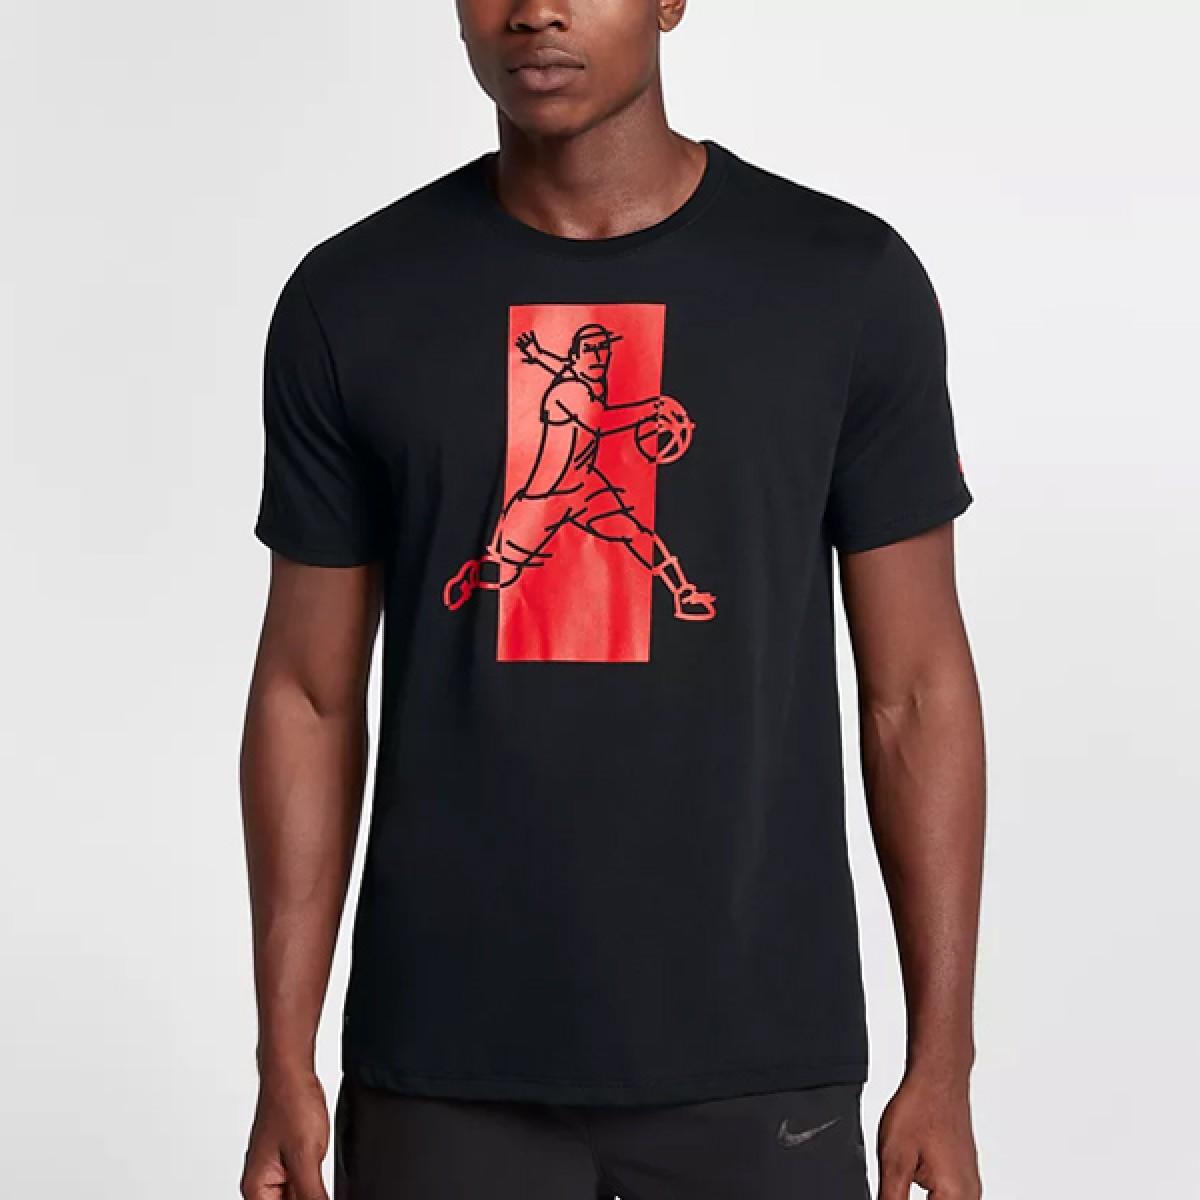 Nike Dry Kyrie T-shirt 'Black'